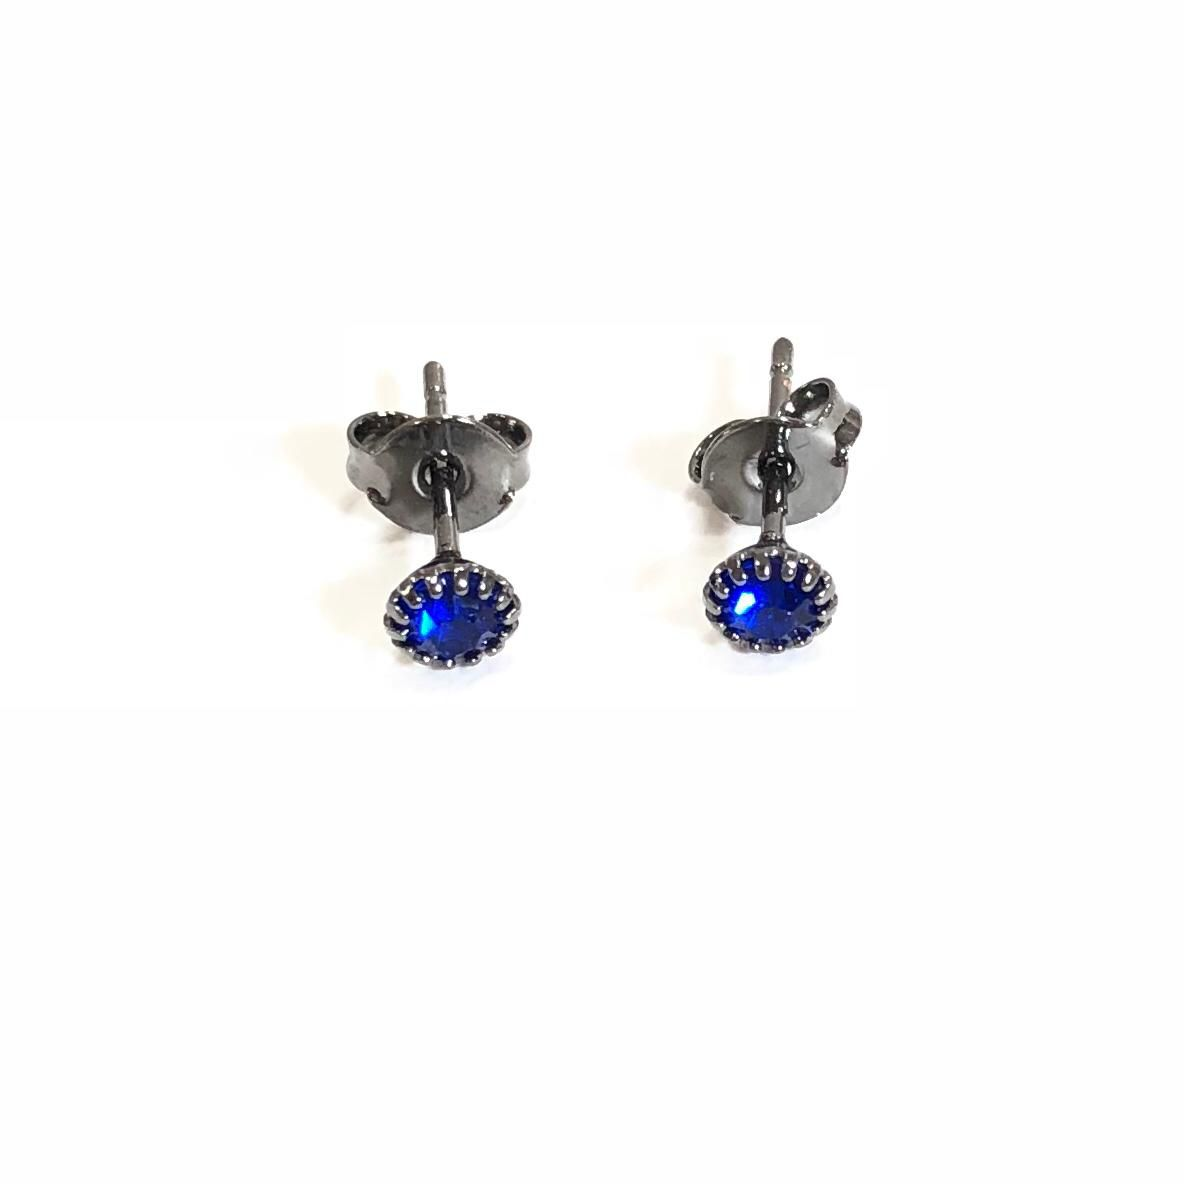 Brinco Ponto de Luz Pequeno Zircônia Azul Banho em Rodio Negro